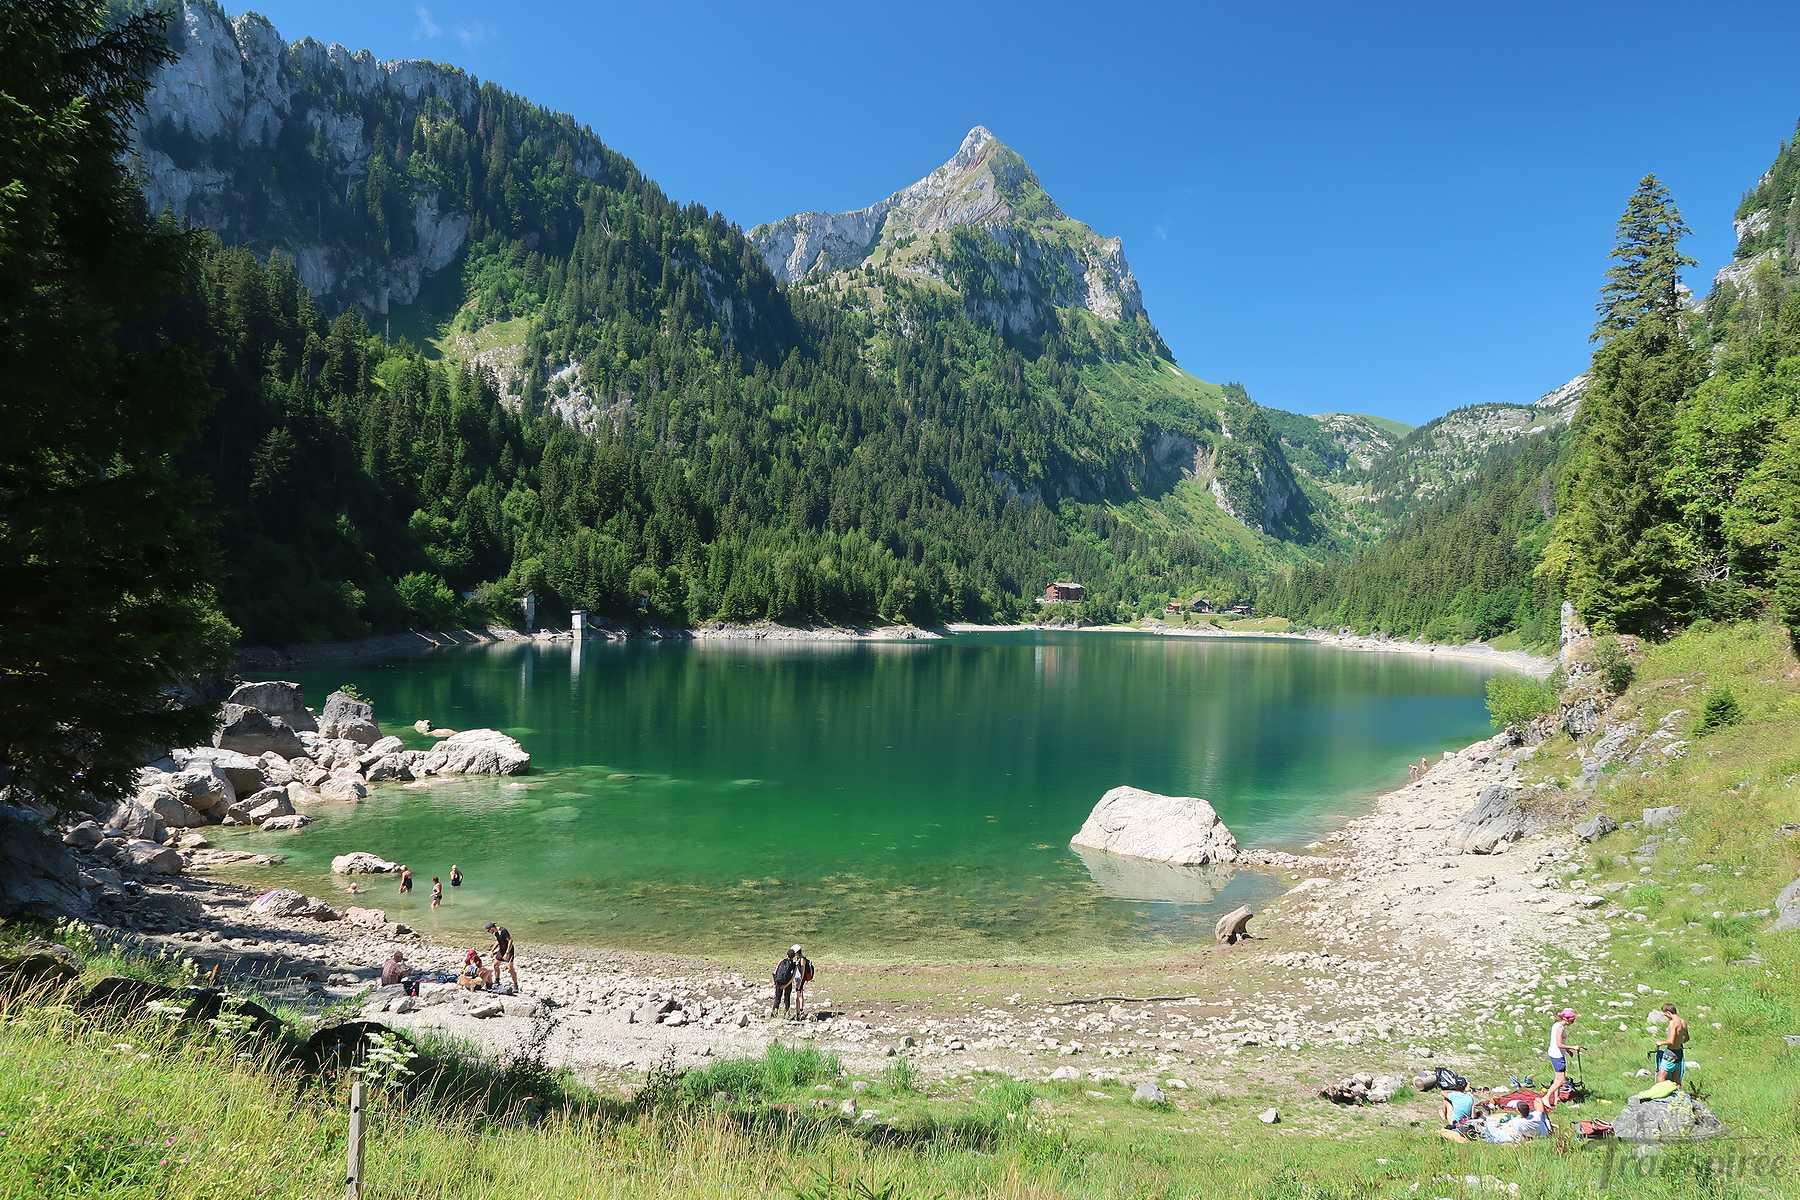 Randonnée au lac de Tanay depuis le Plan de l'Ortie. Retour par La Cheseule